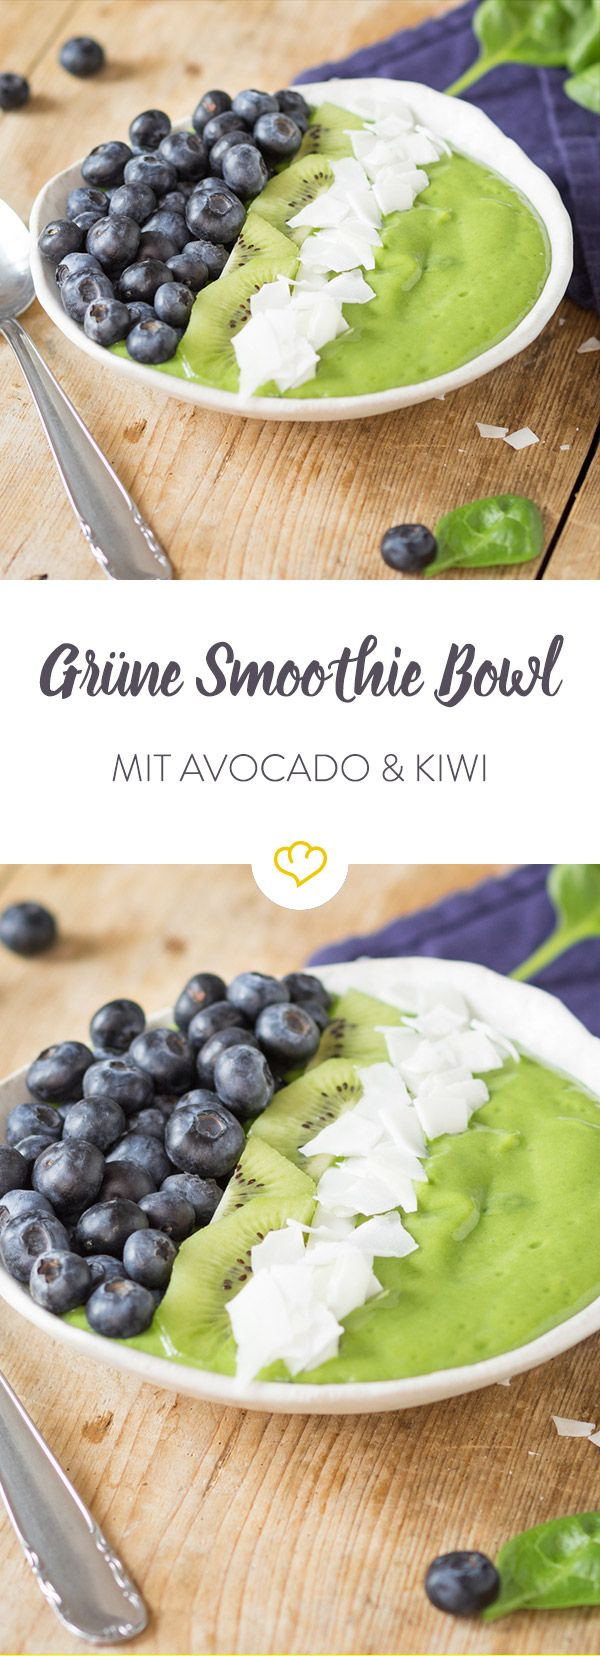 Wenn dir das Leben eine Avocado gibt, mach eine Smoothie Bowl draus. In Kombination mit Banane und Spinat ein wohlgesonnenes Sattmacher-Frühstück.